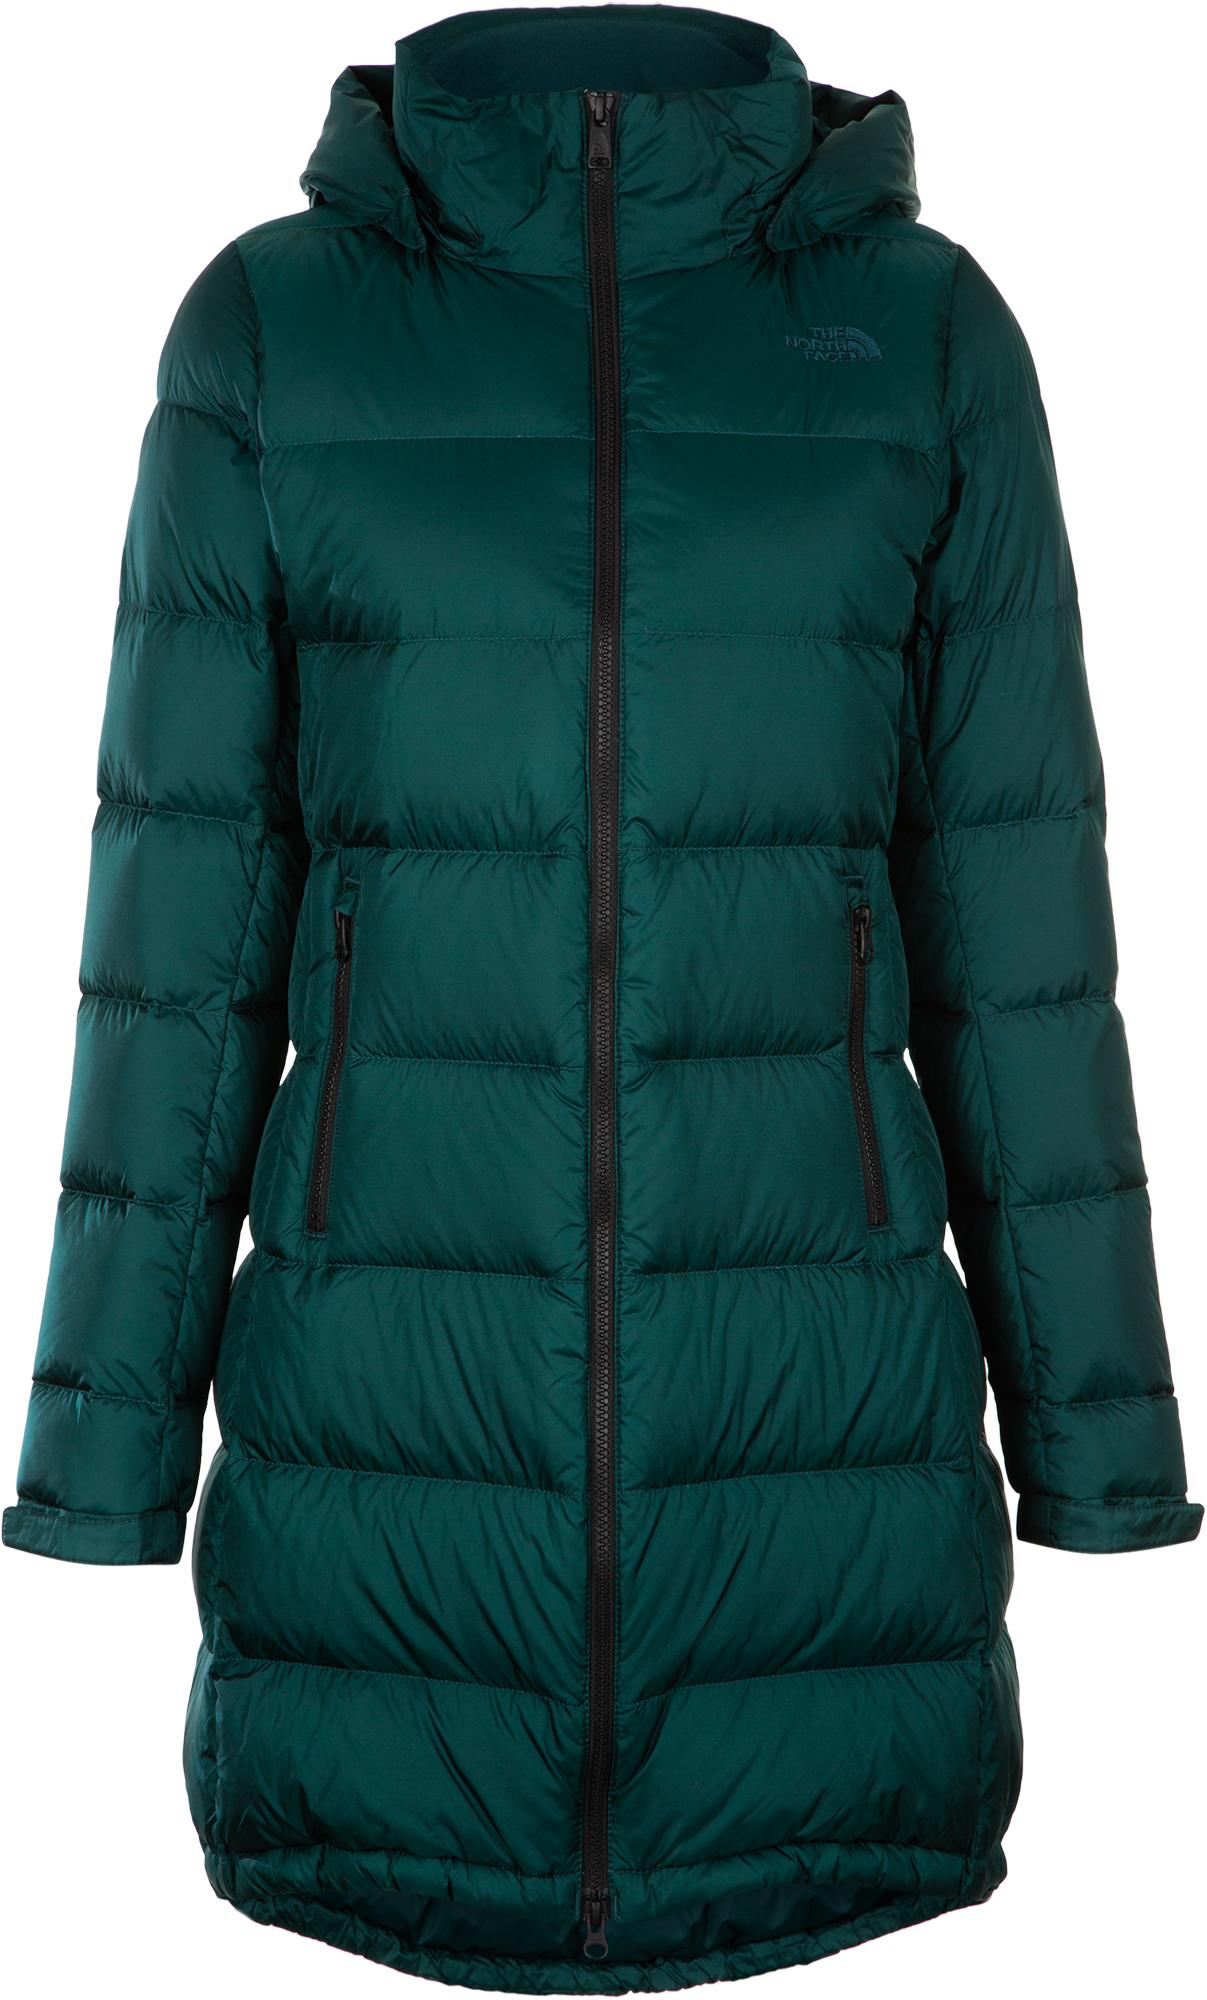 цена на The North Face Куртка пуховая женская The North Face Metropolis, размер 44